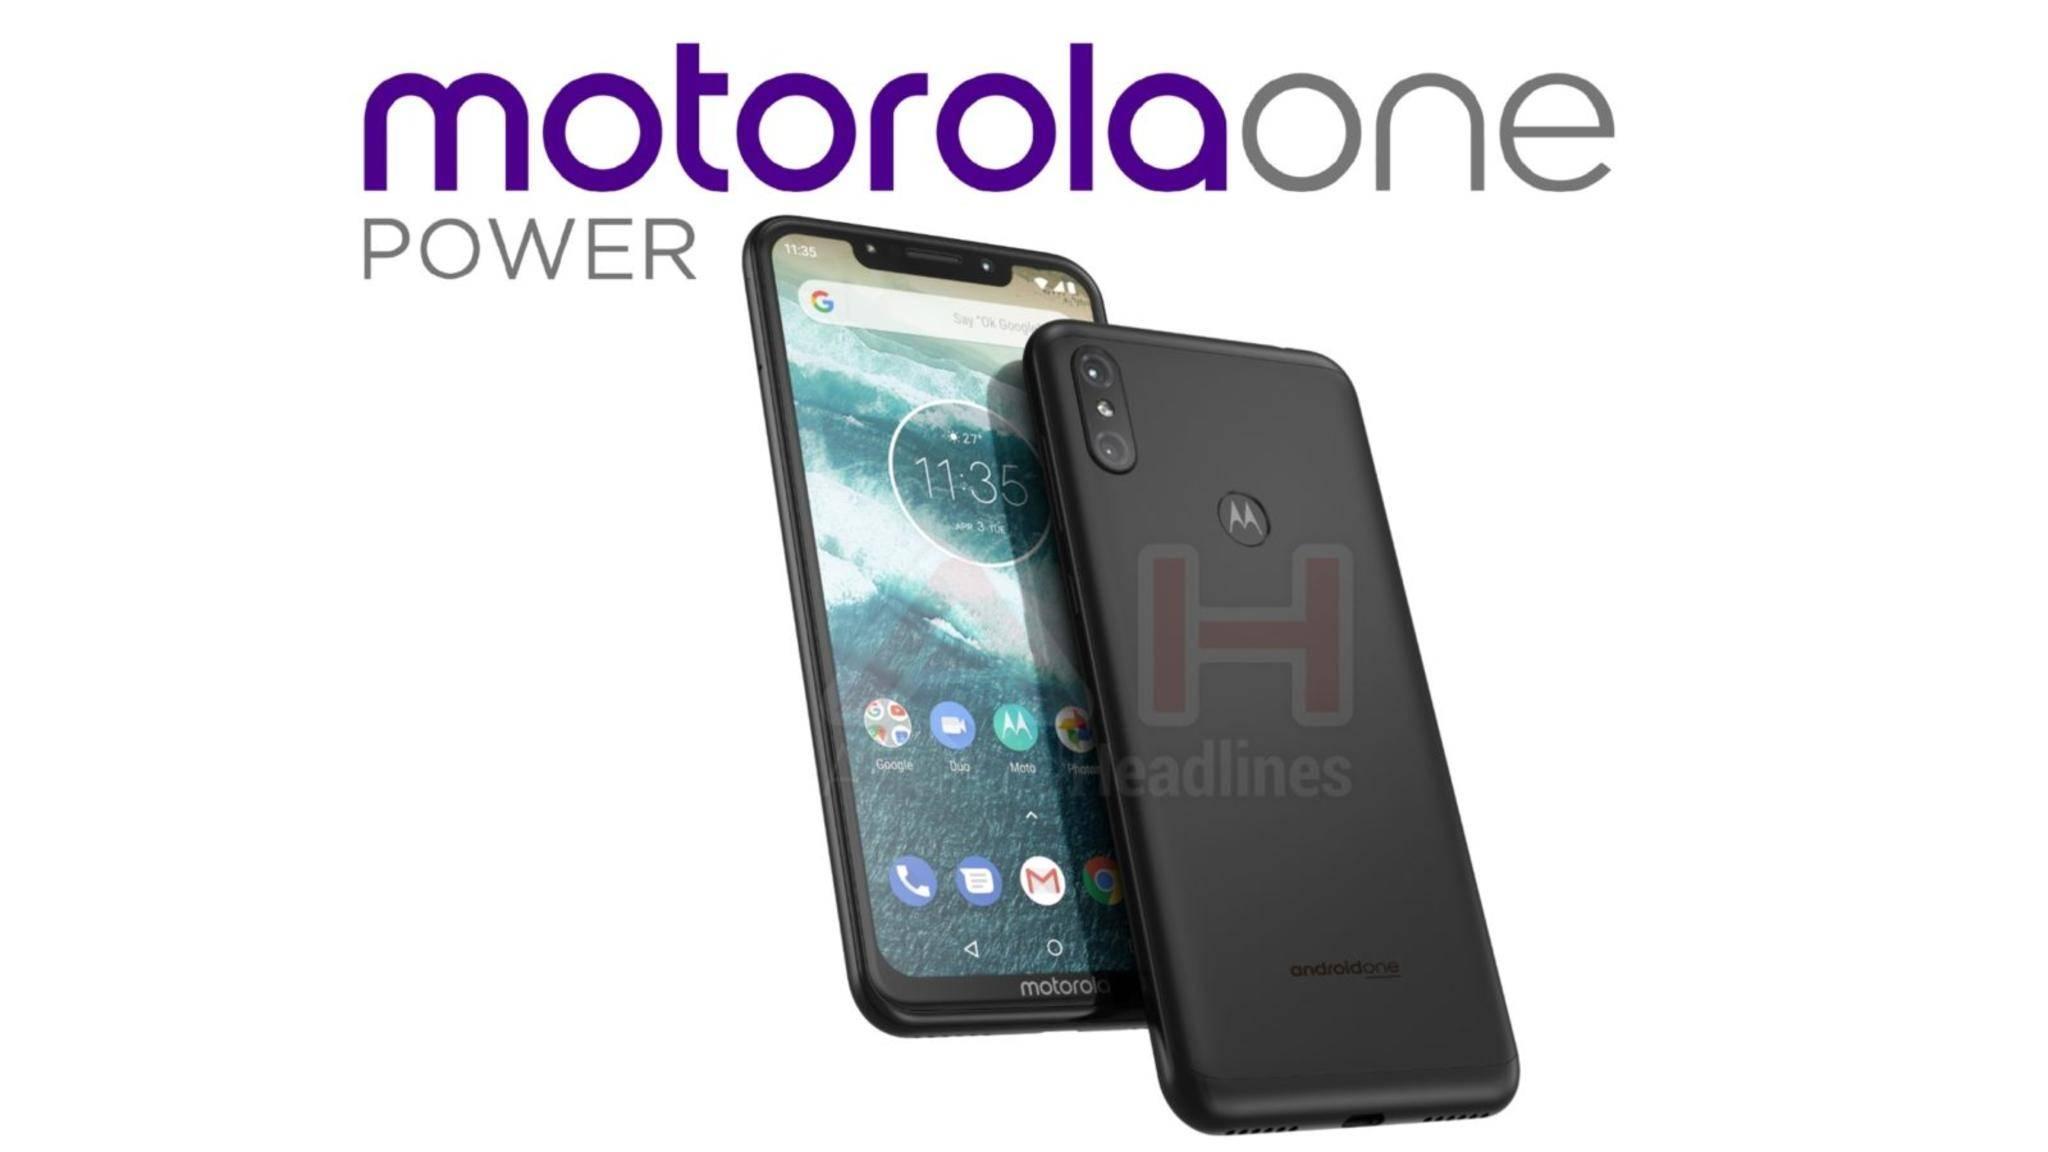 Das Design des One Power weicht deutlich vom herkömmlichen Motorola-Look ab.